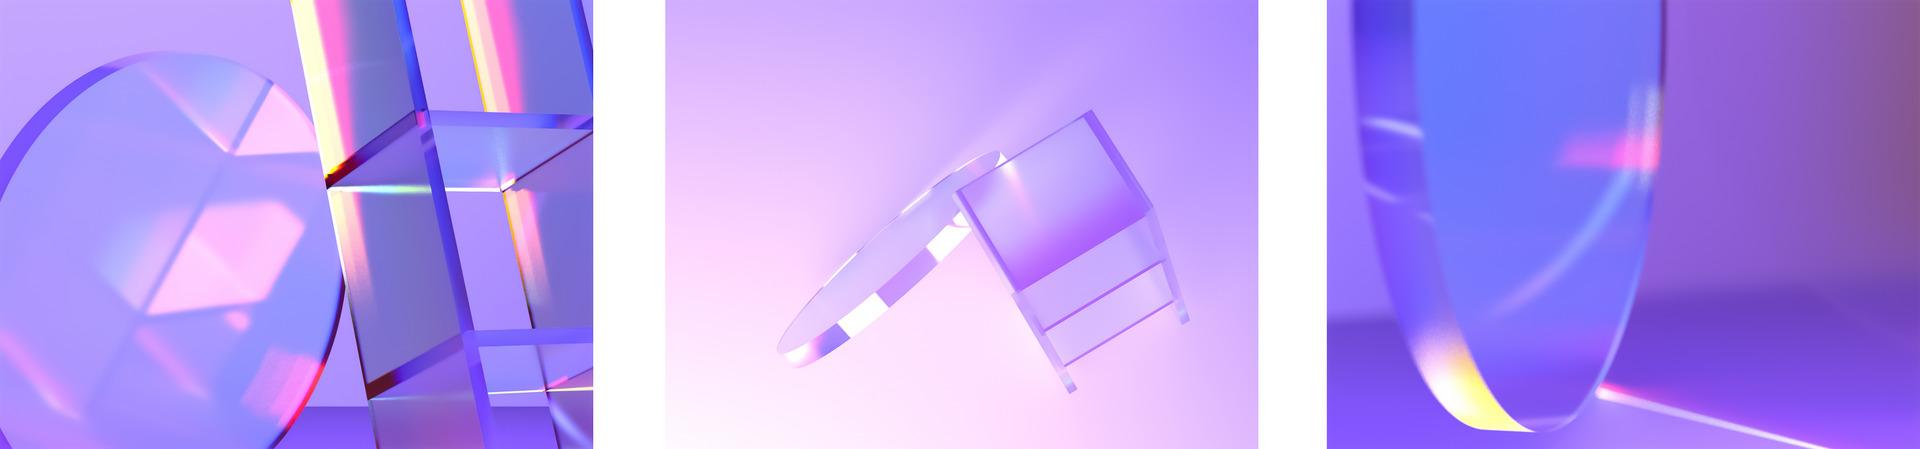 Digital Renders - Built on Cinema4D